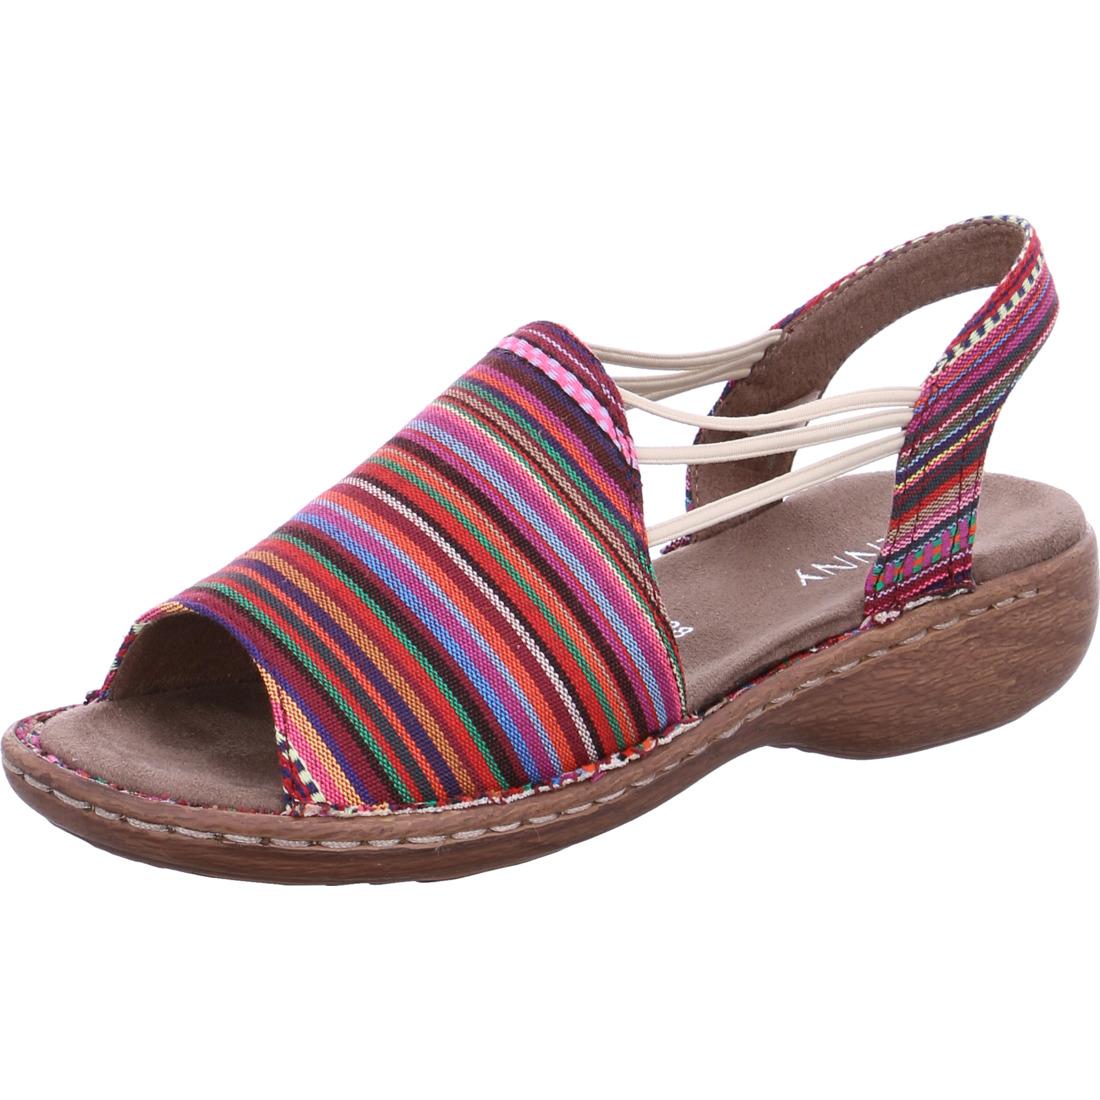 jenny sandale korsika sandalen modelle damen ara shop. Black Bedroom Furniture Sets. Home Design Ideas